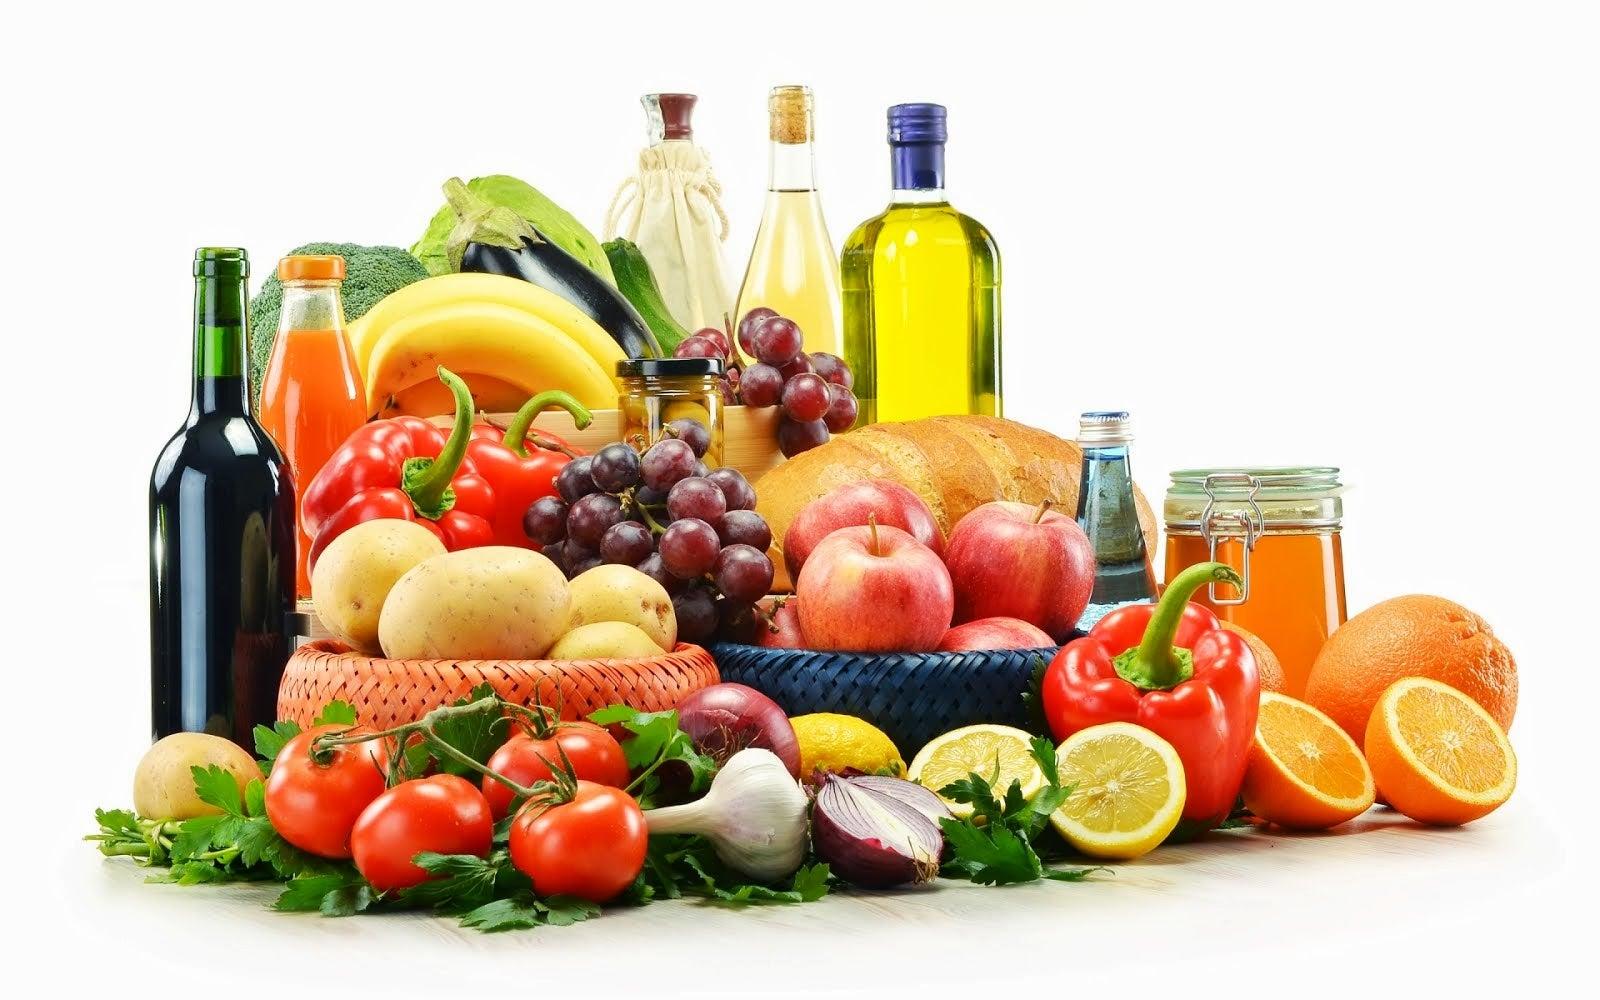 Alimentos de una dieta mediterránea como frutas, aceite de oliva, verduras y cereales